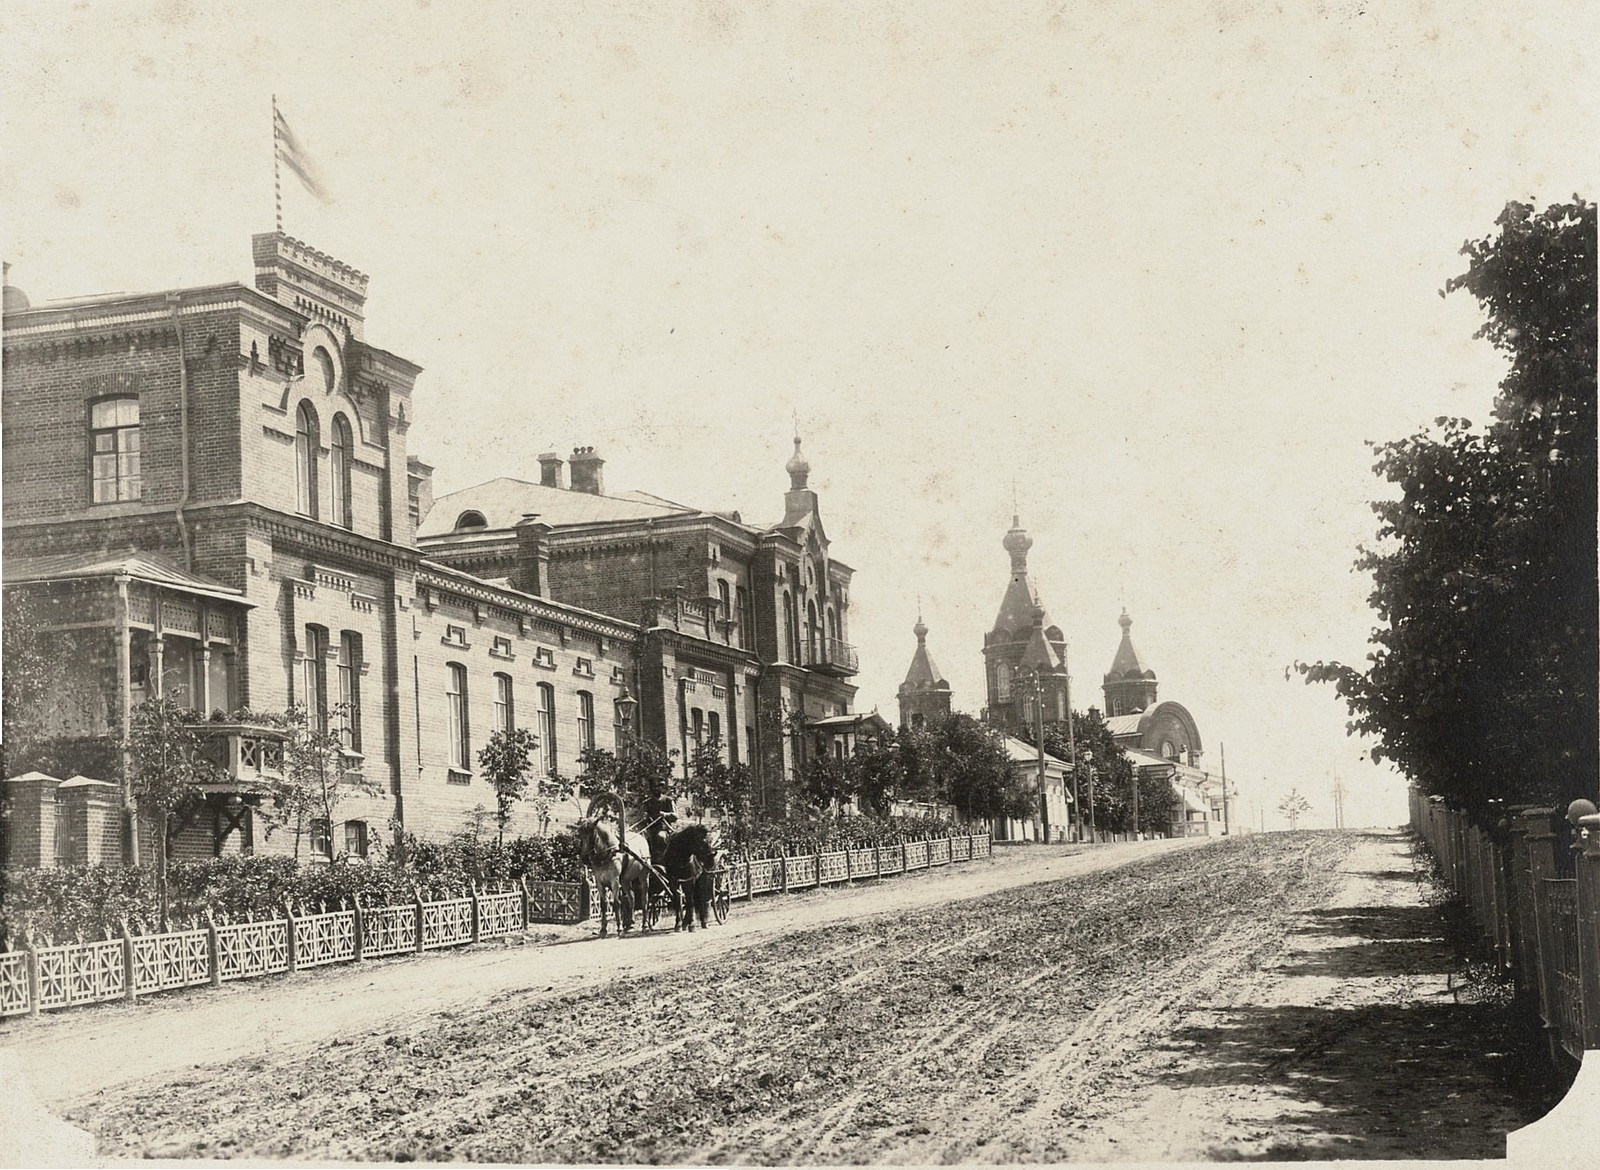 01. Дом Генерал-губернатора и Успенский собор